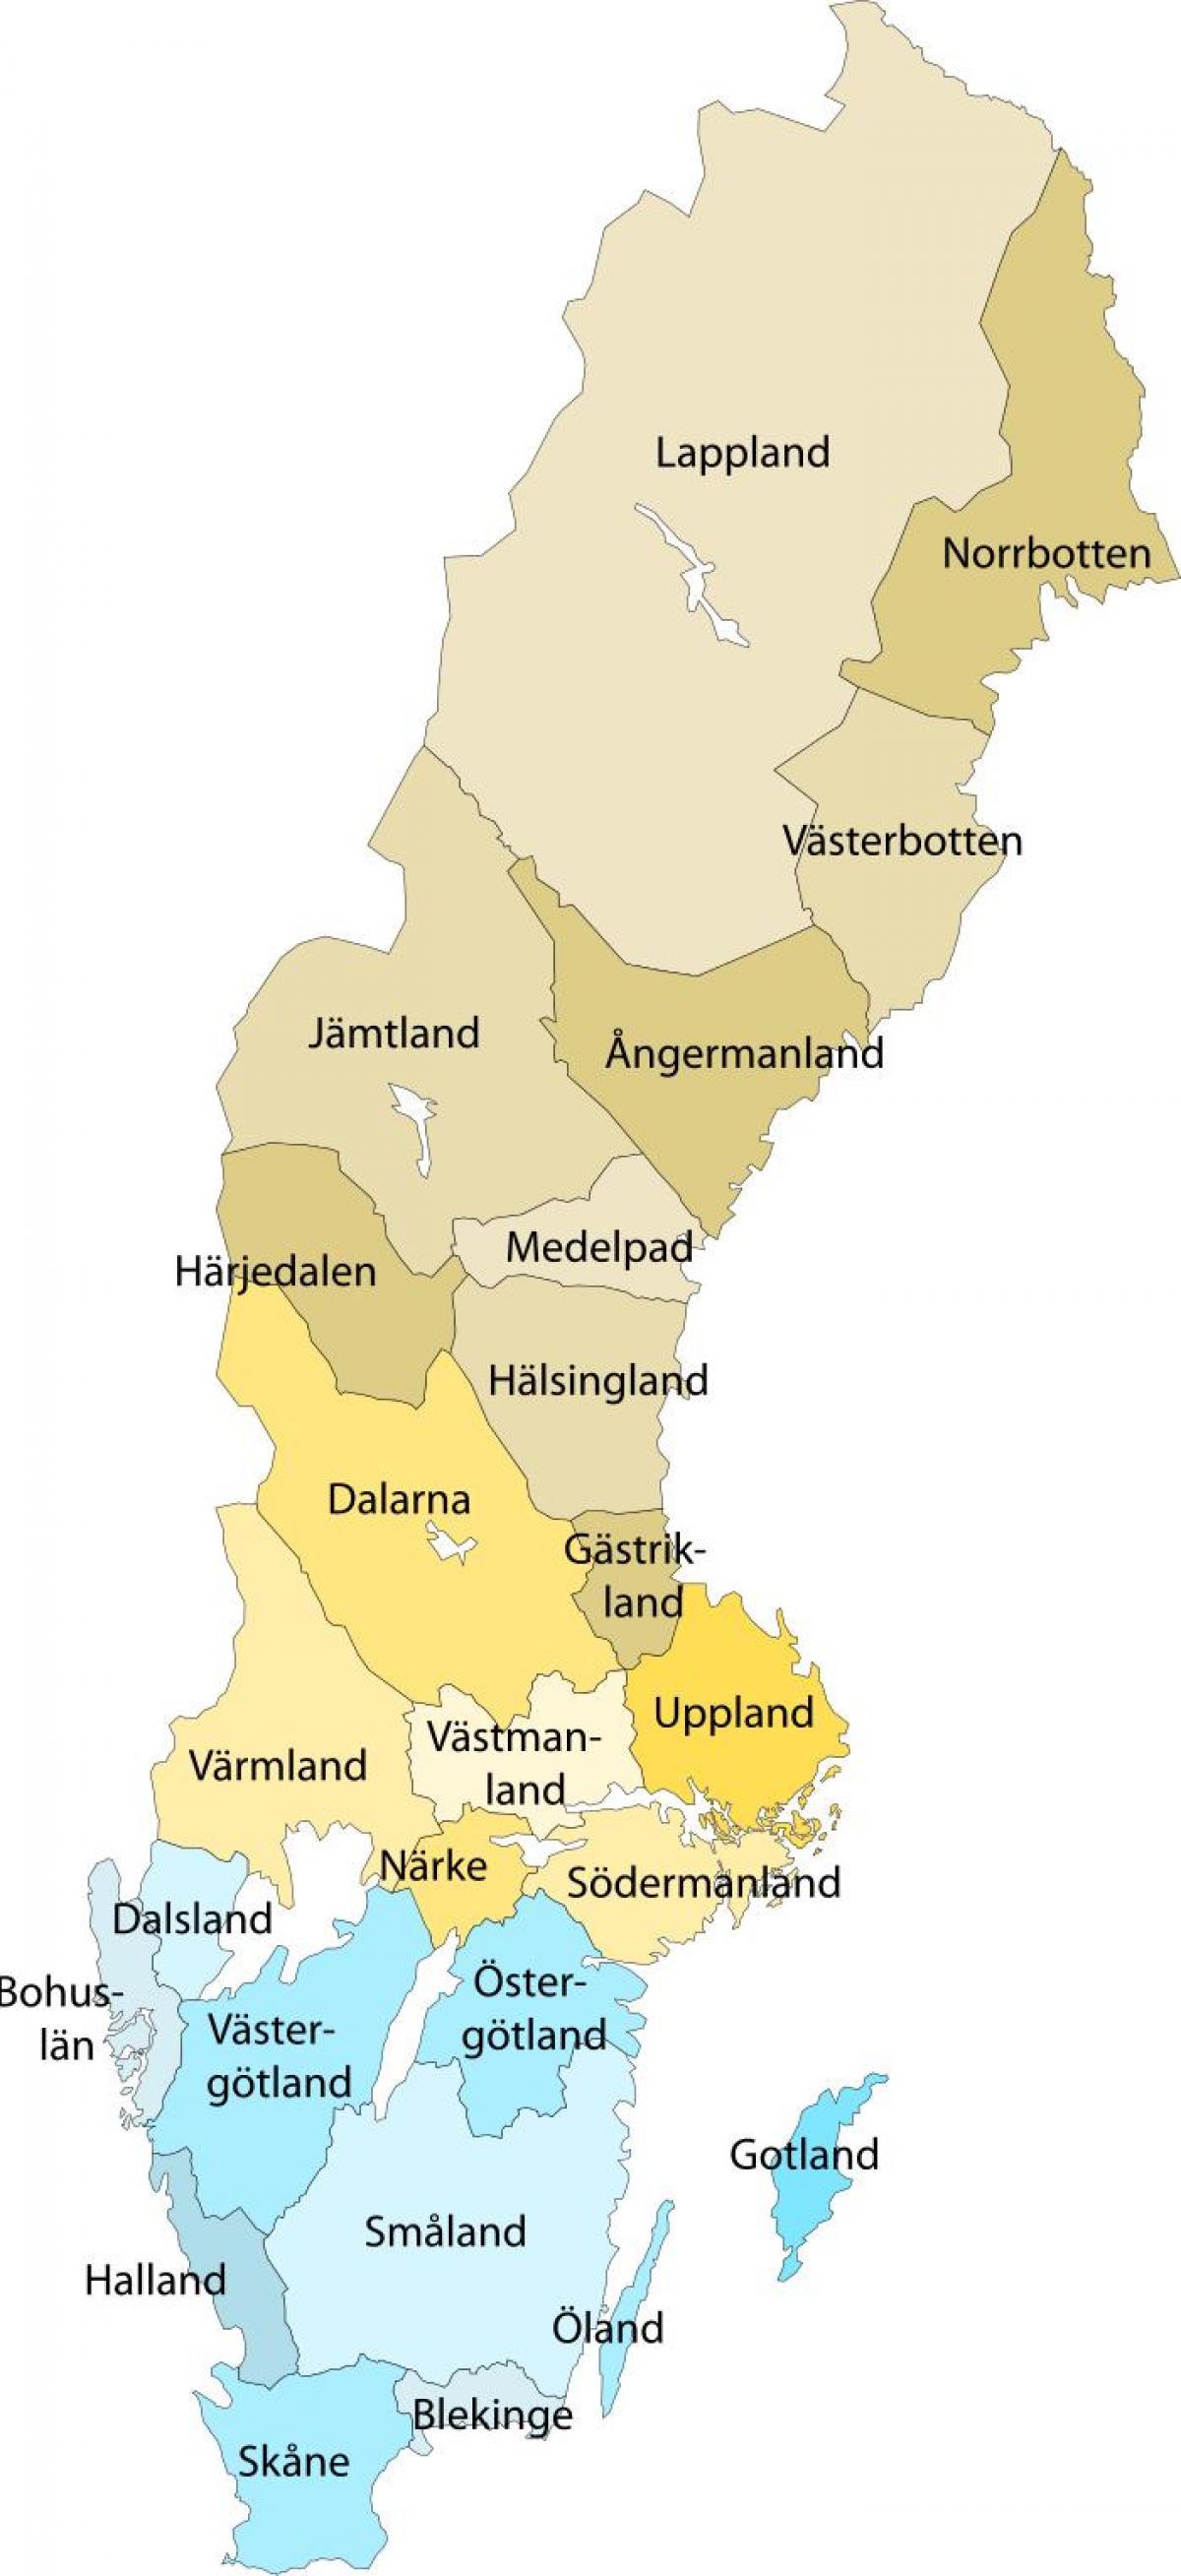 Lappland Karte.Lappland Schweden Landkarte Karte Von Lappland Schweden